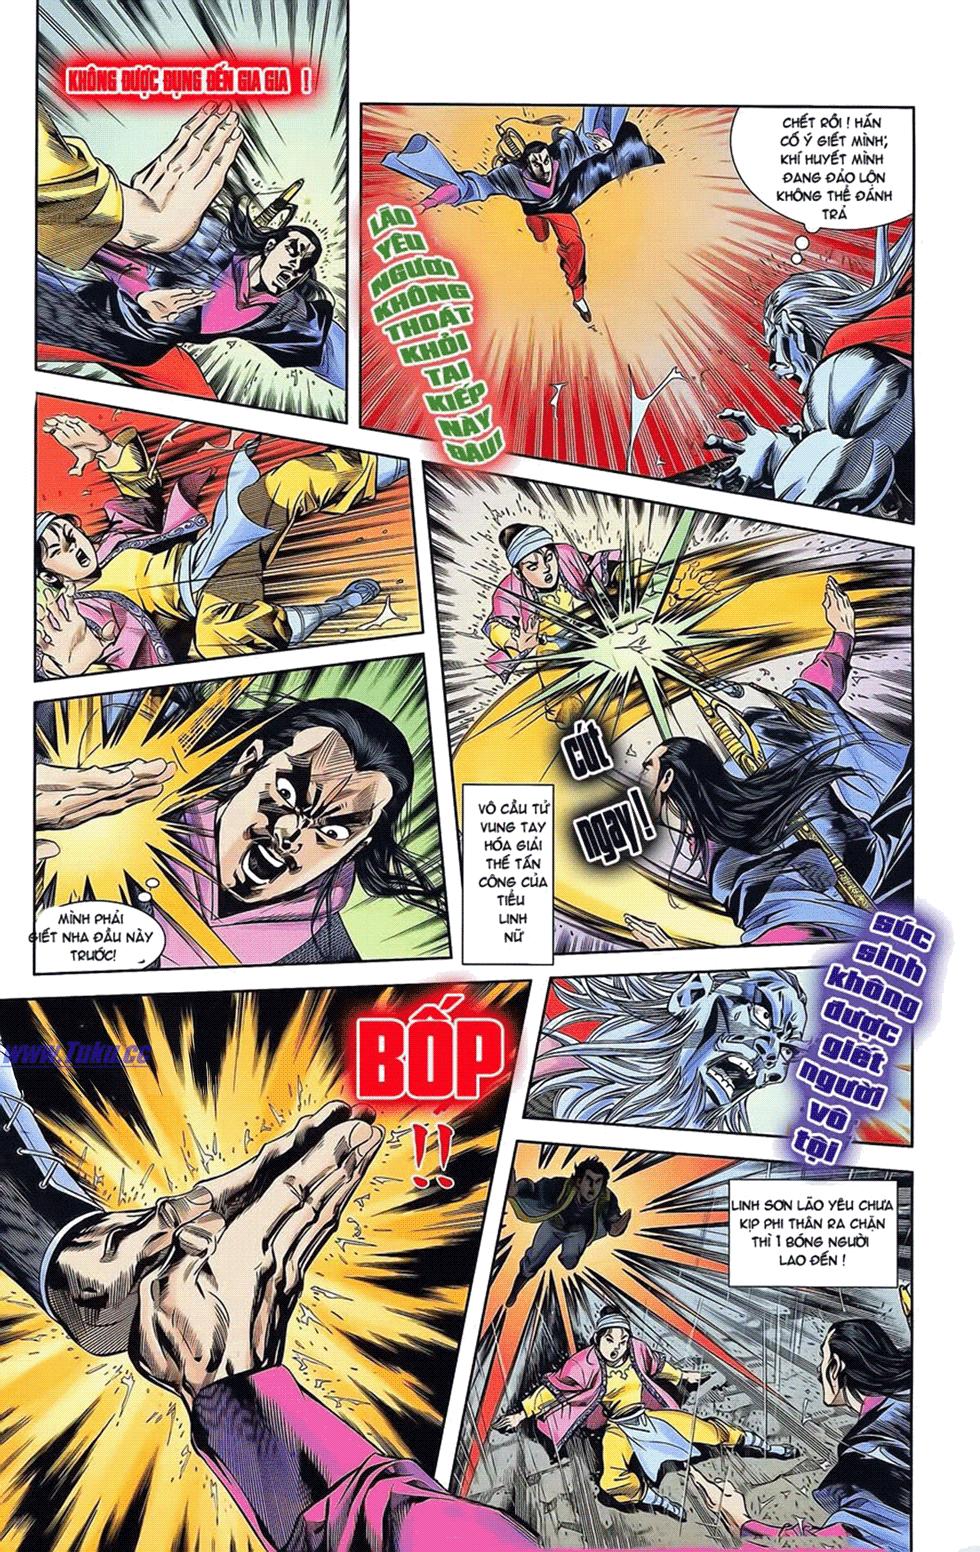 Tần Vương Doanh Chính chapter 19 trang 14